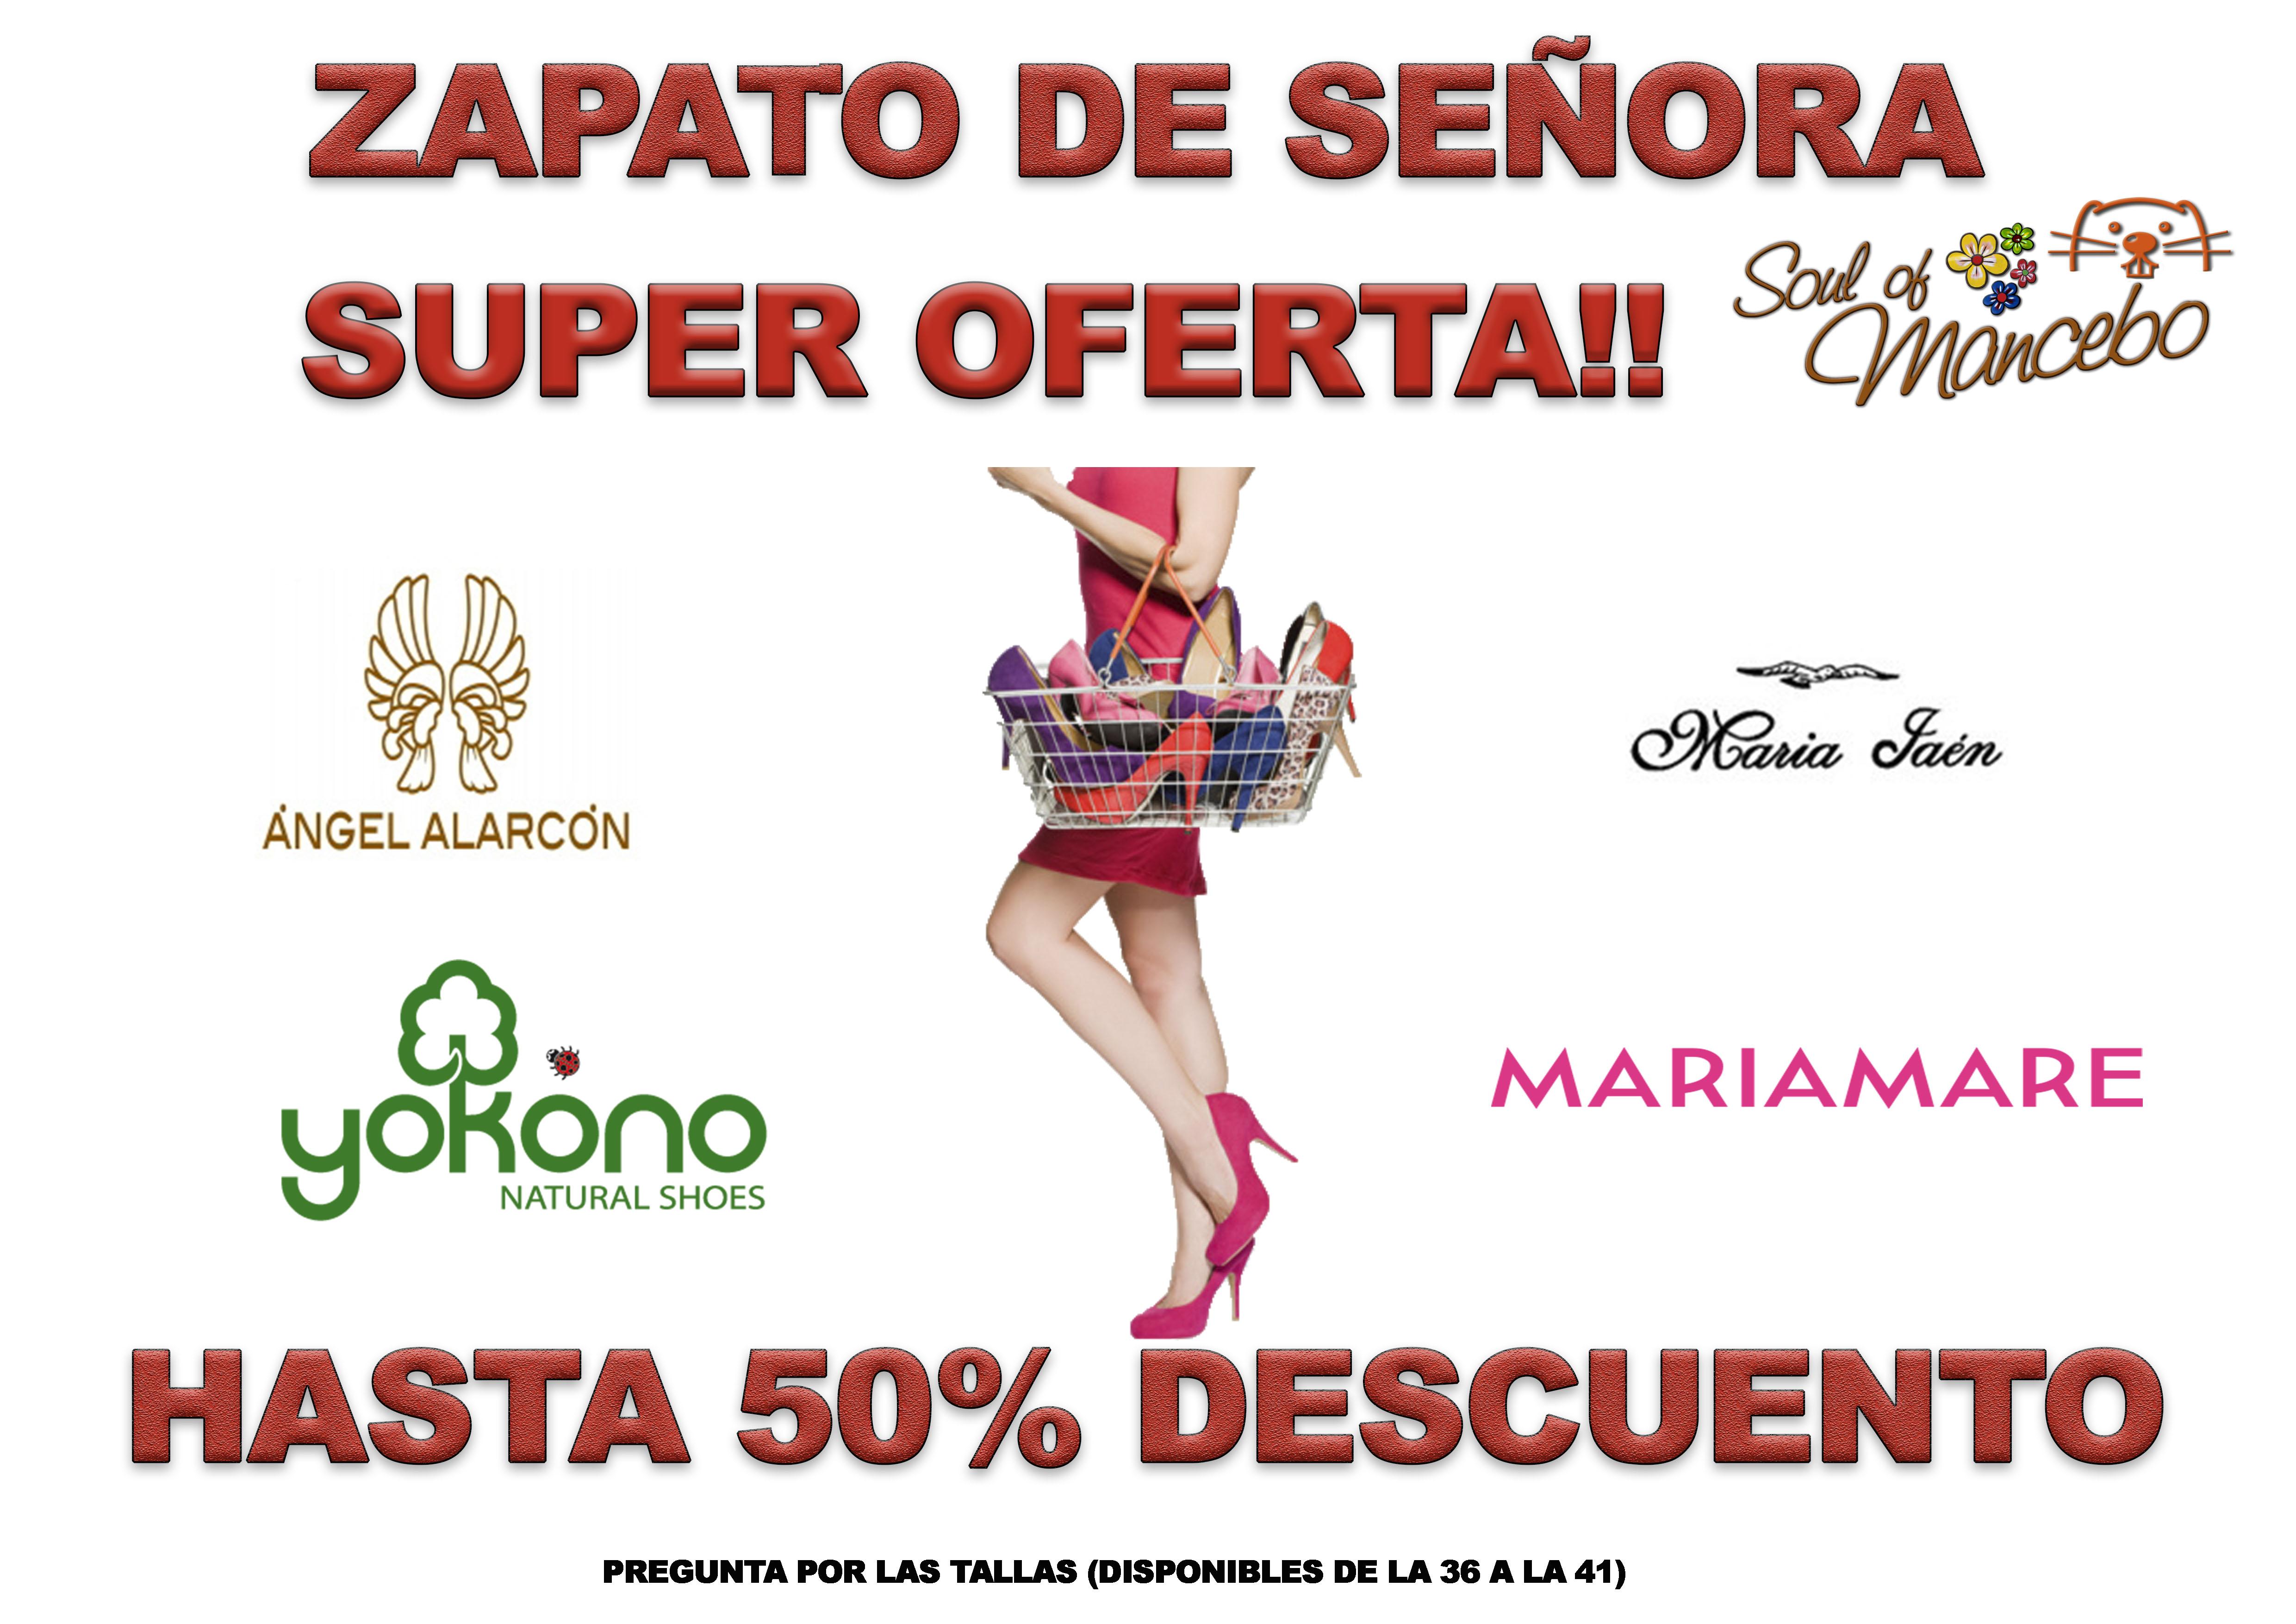 ¡¡¡¡SUPER OFERTAS EN ZAPATOS DE SEÑORA!!!!! Ven a visitarnos y descubre las ofertas que hemos preparado para ti!!! Salones de MARIAMARE, ÁNGEL ALARCON, MARÍA JAEN y muchos más!!! Con hasta un 50% de Descuento!!  ¡¡¡Ven y disfruta comprando!!!